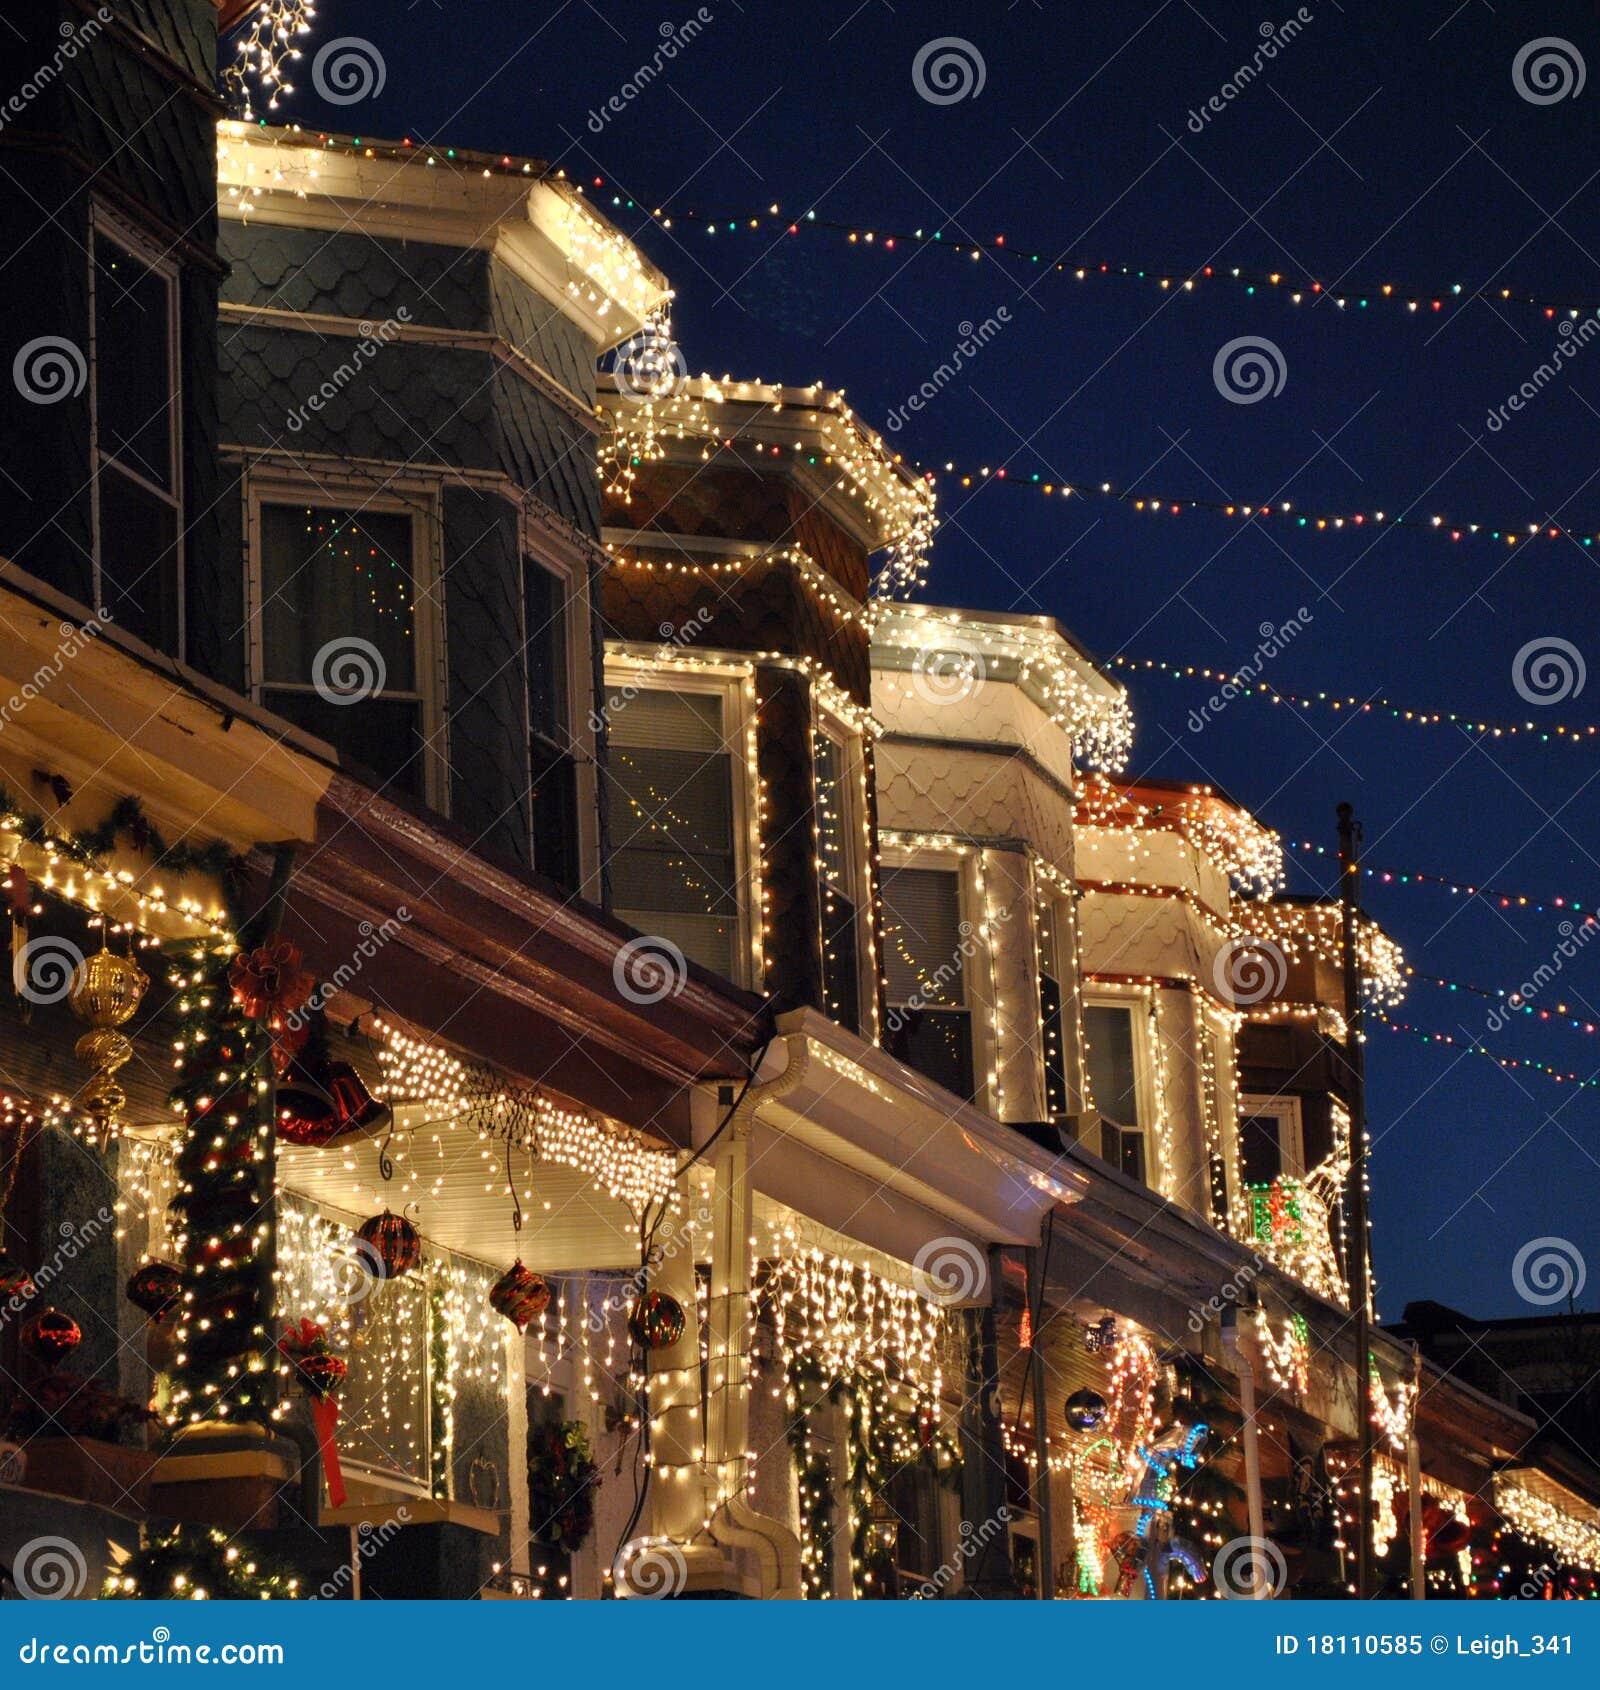 Baltimore Christmas Lights Royalty Free Stock Photo - Image: 18110585